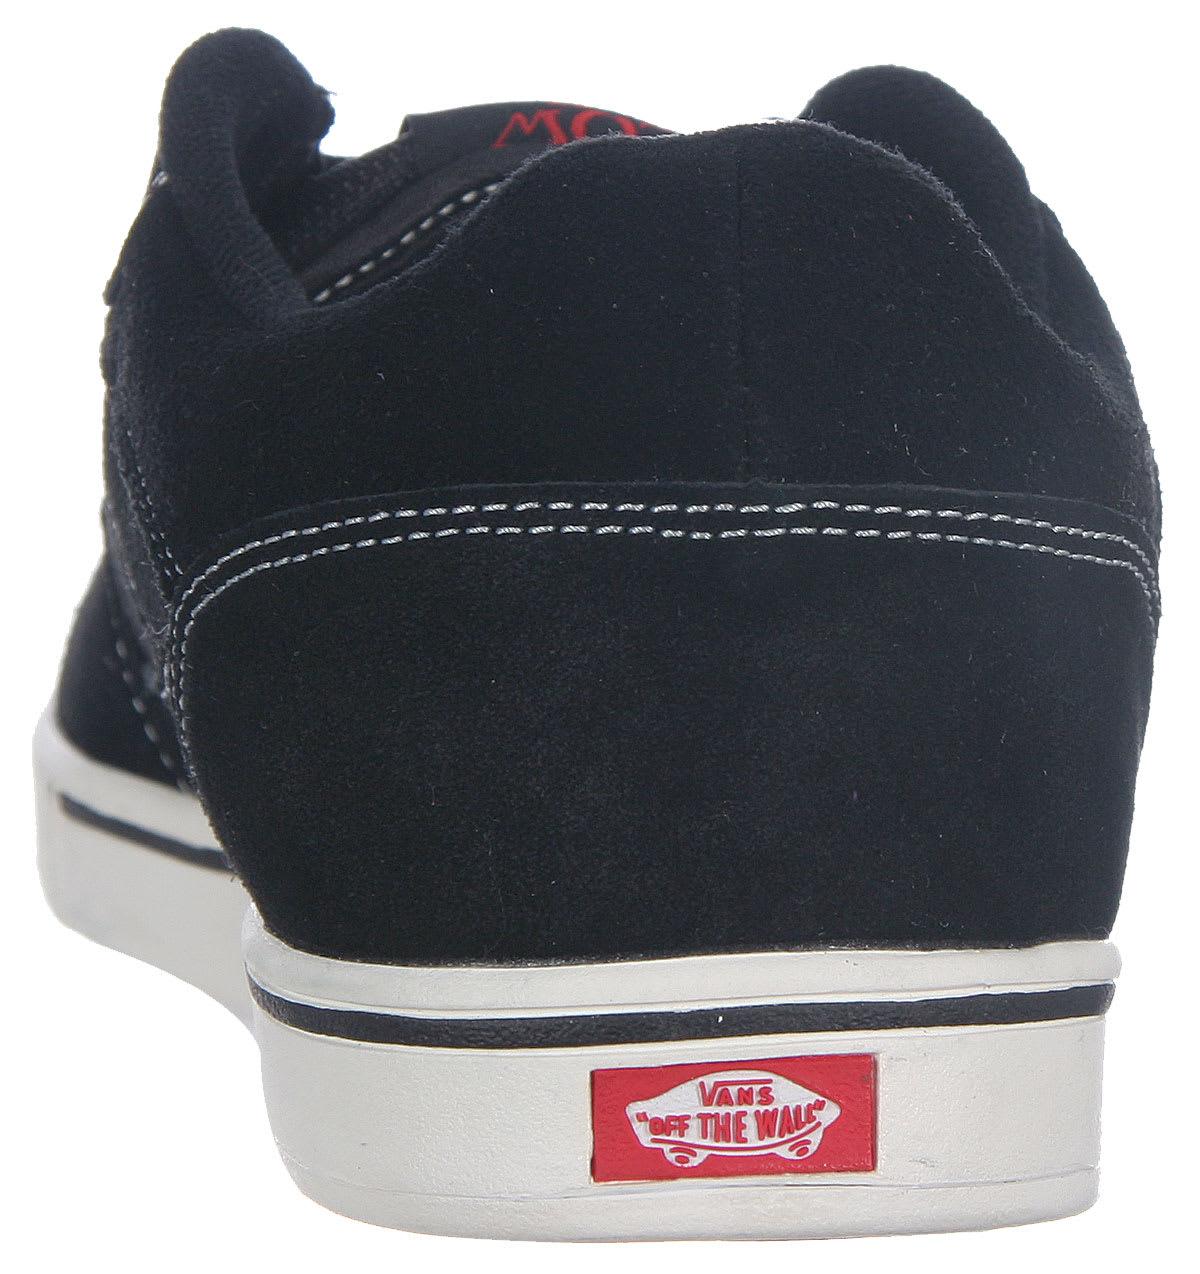 fb2460e76c Vans Low Cab Skate Shoes - thumbnail 2